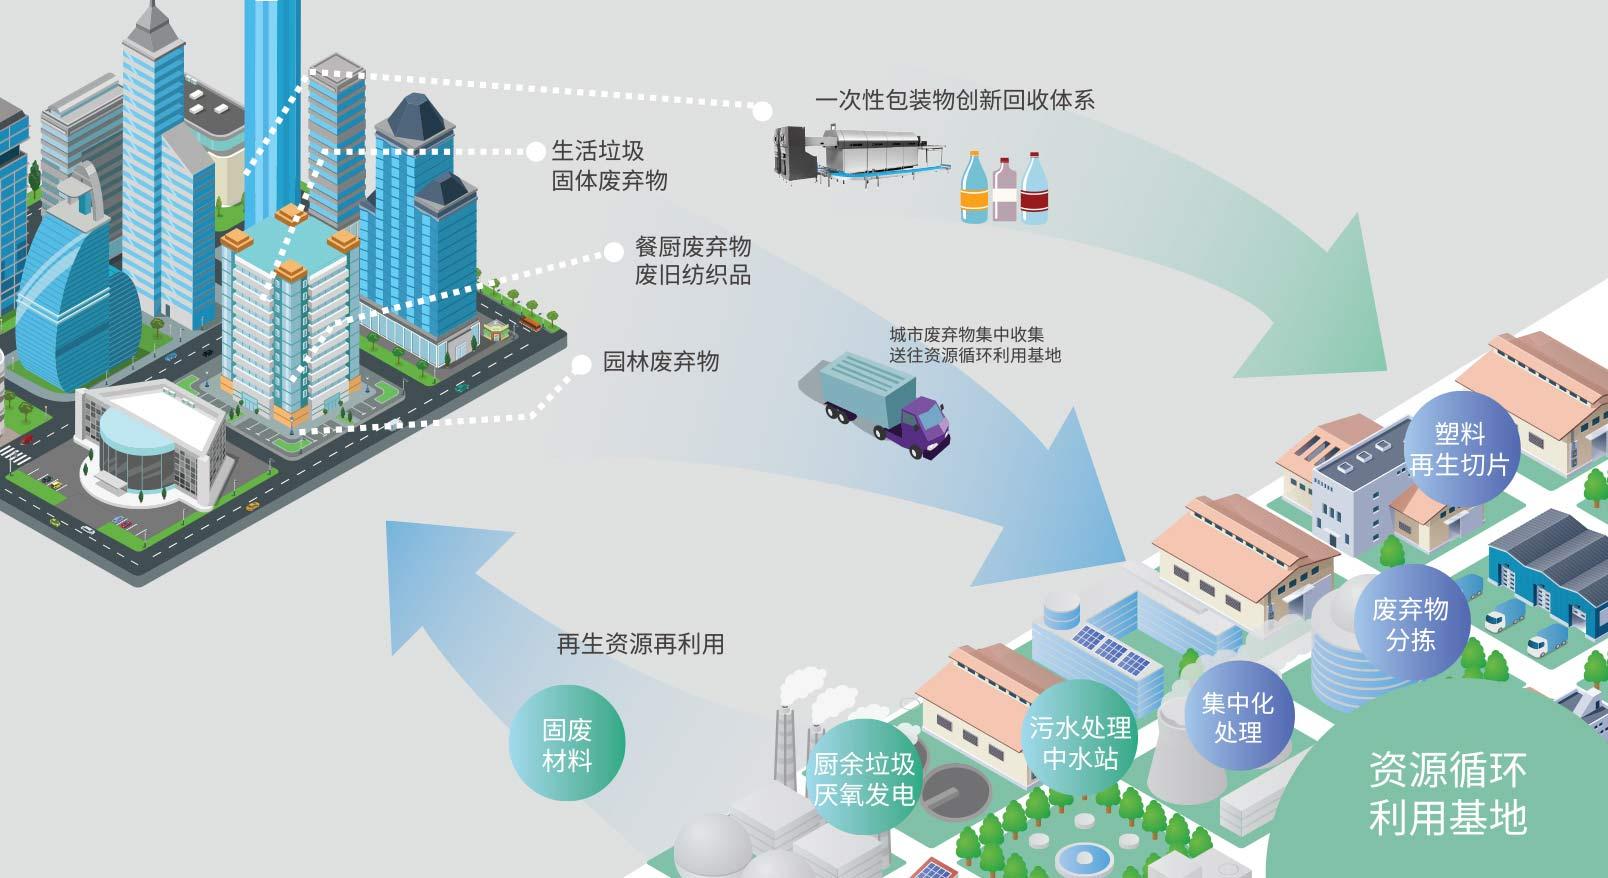 南通好的智能垃圾分类箱供应商 欢迎咨询「陕西迪尔西信息科技供应」